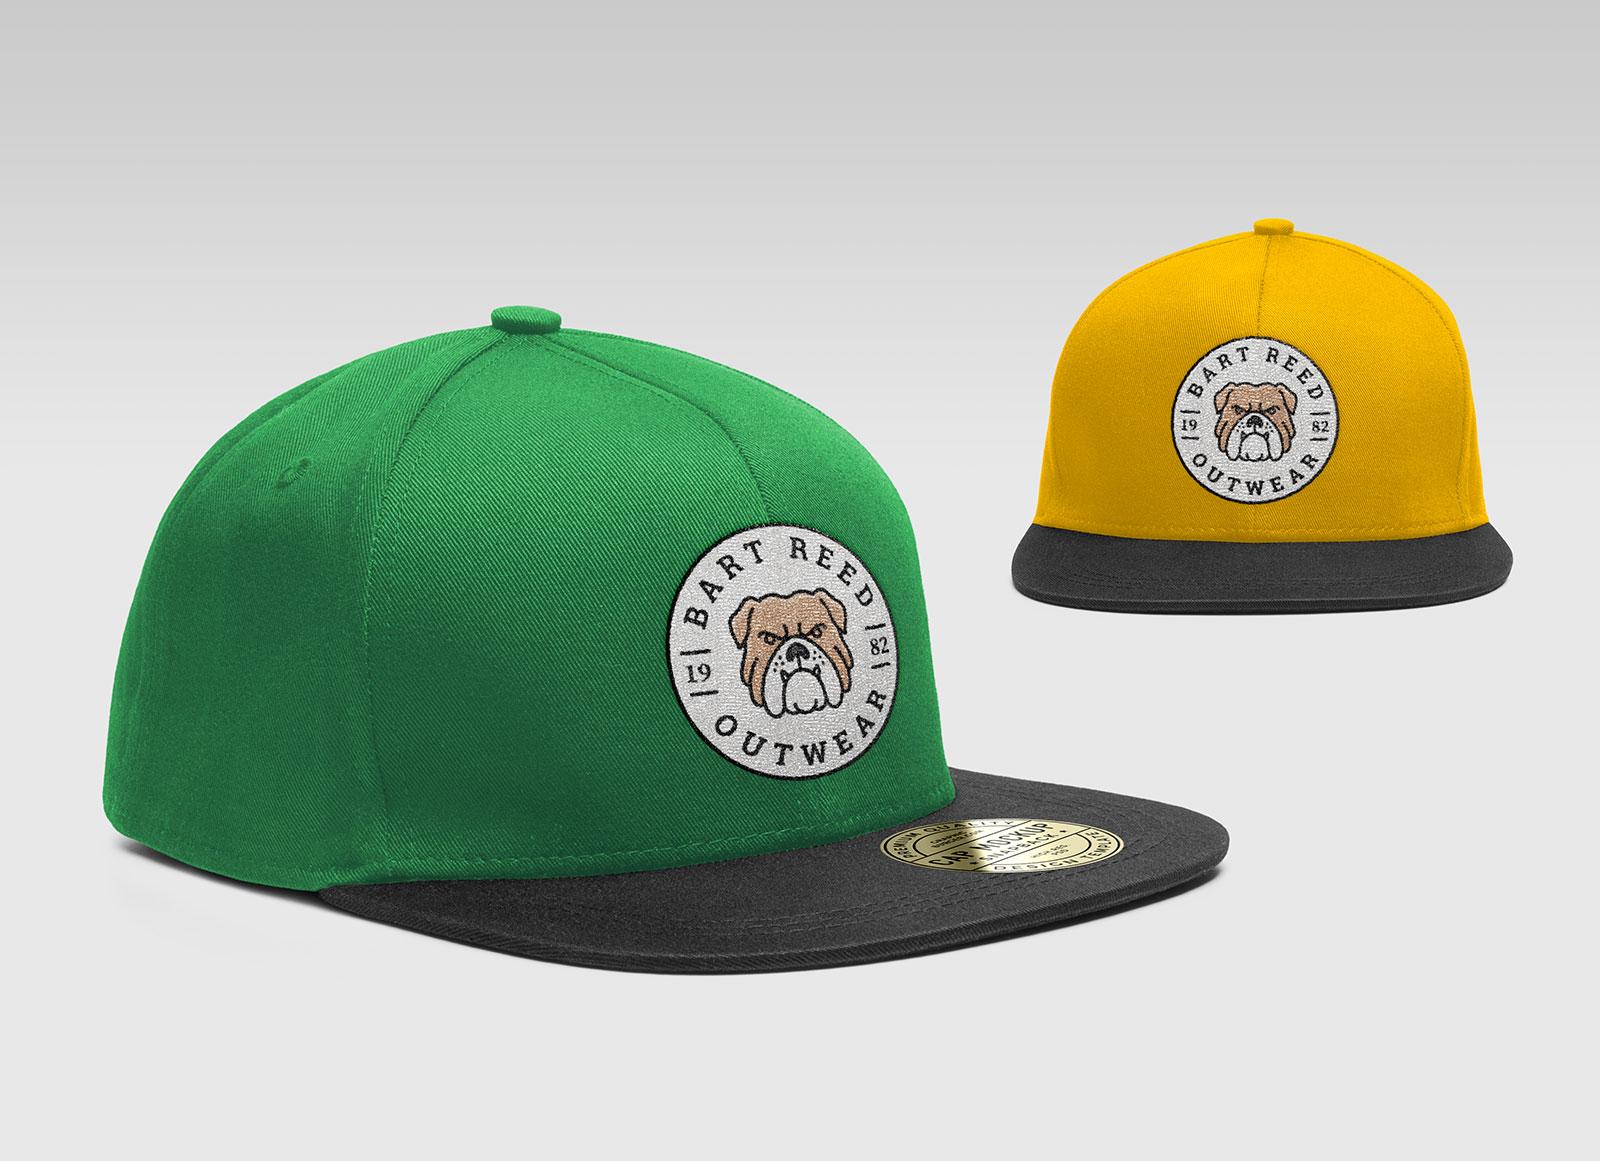 Free-Snapback-Men's-Cap-Mockup-PSD-With-Woven-Logo-5